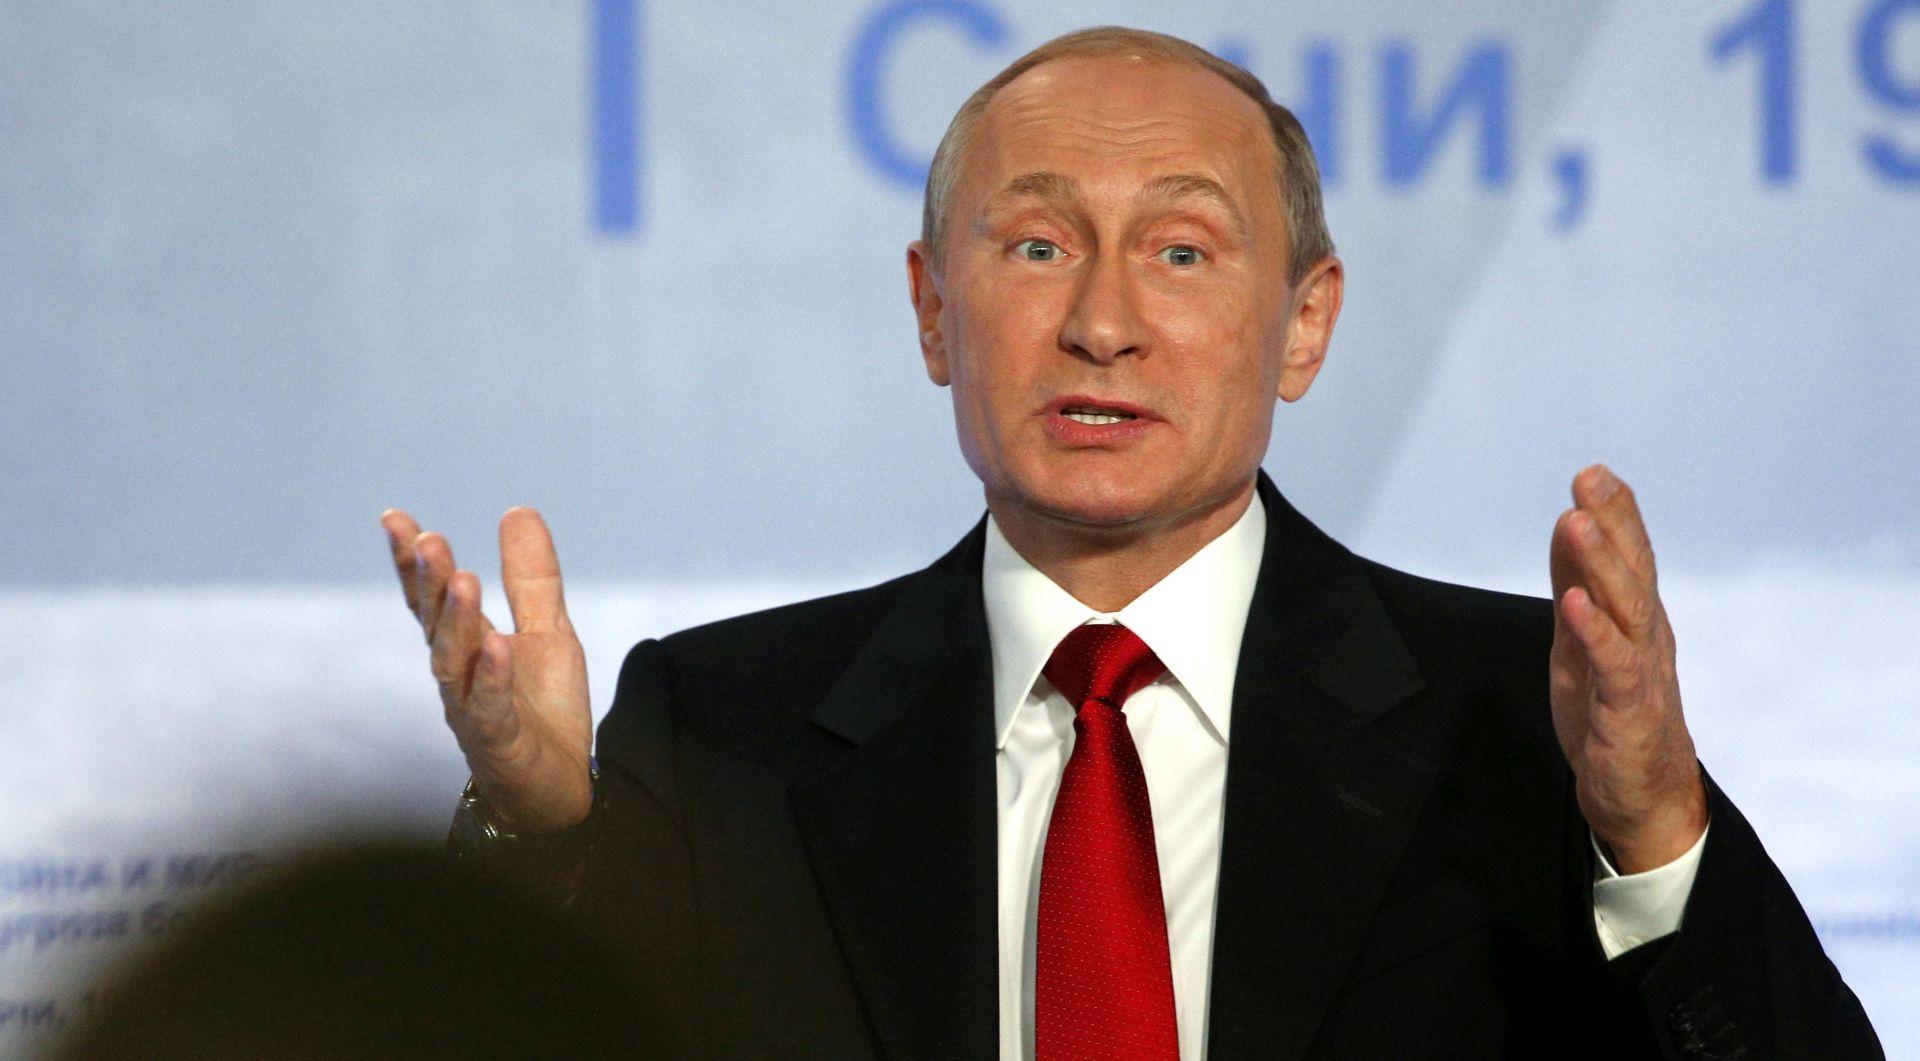 SOČI Putin pozvao na formiranje koalicije sa Sirijom, Irakom i Kurdima u borbi protiv ISIS-a